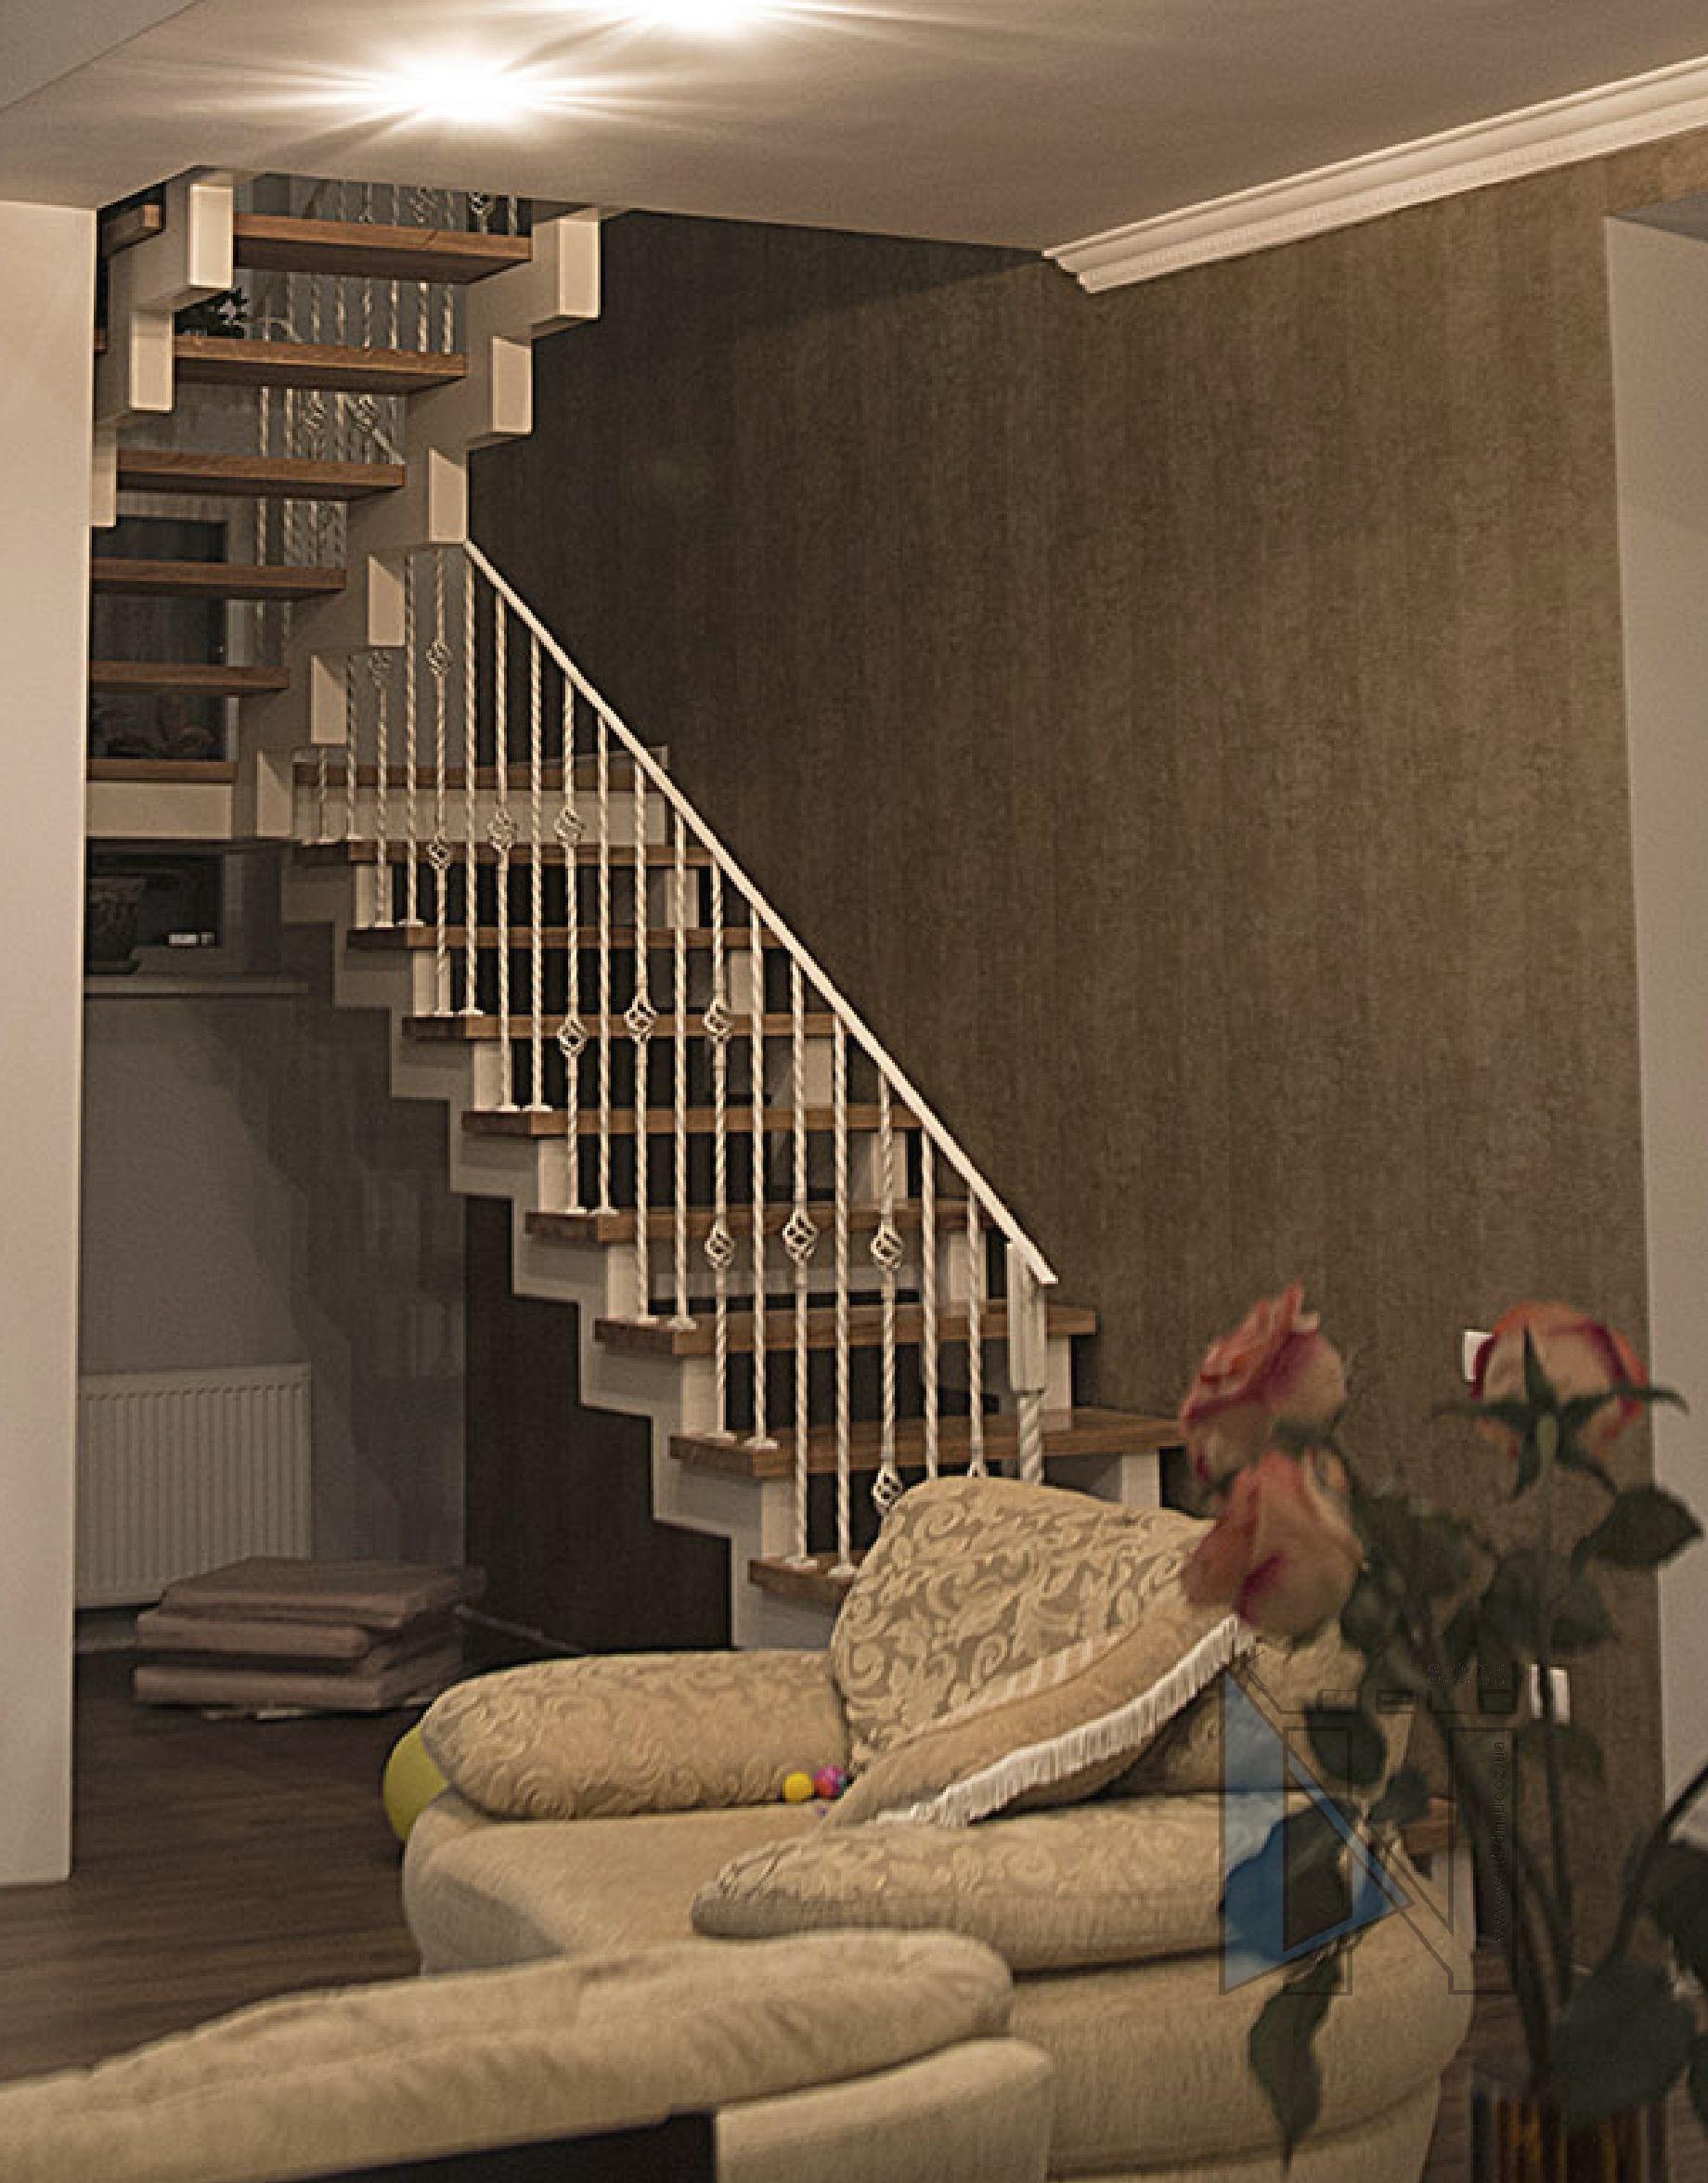 лестница Донецк изготовление металлических каркасов лестниц, лестницы под обшивку деревом Донецк